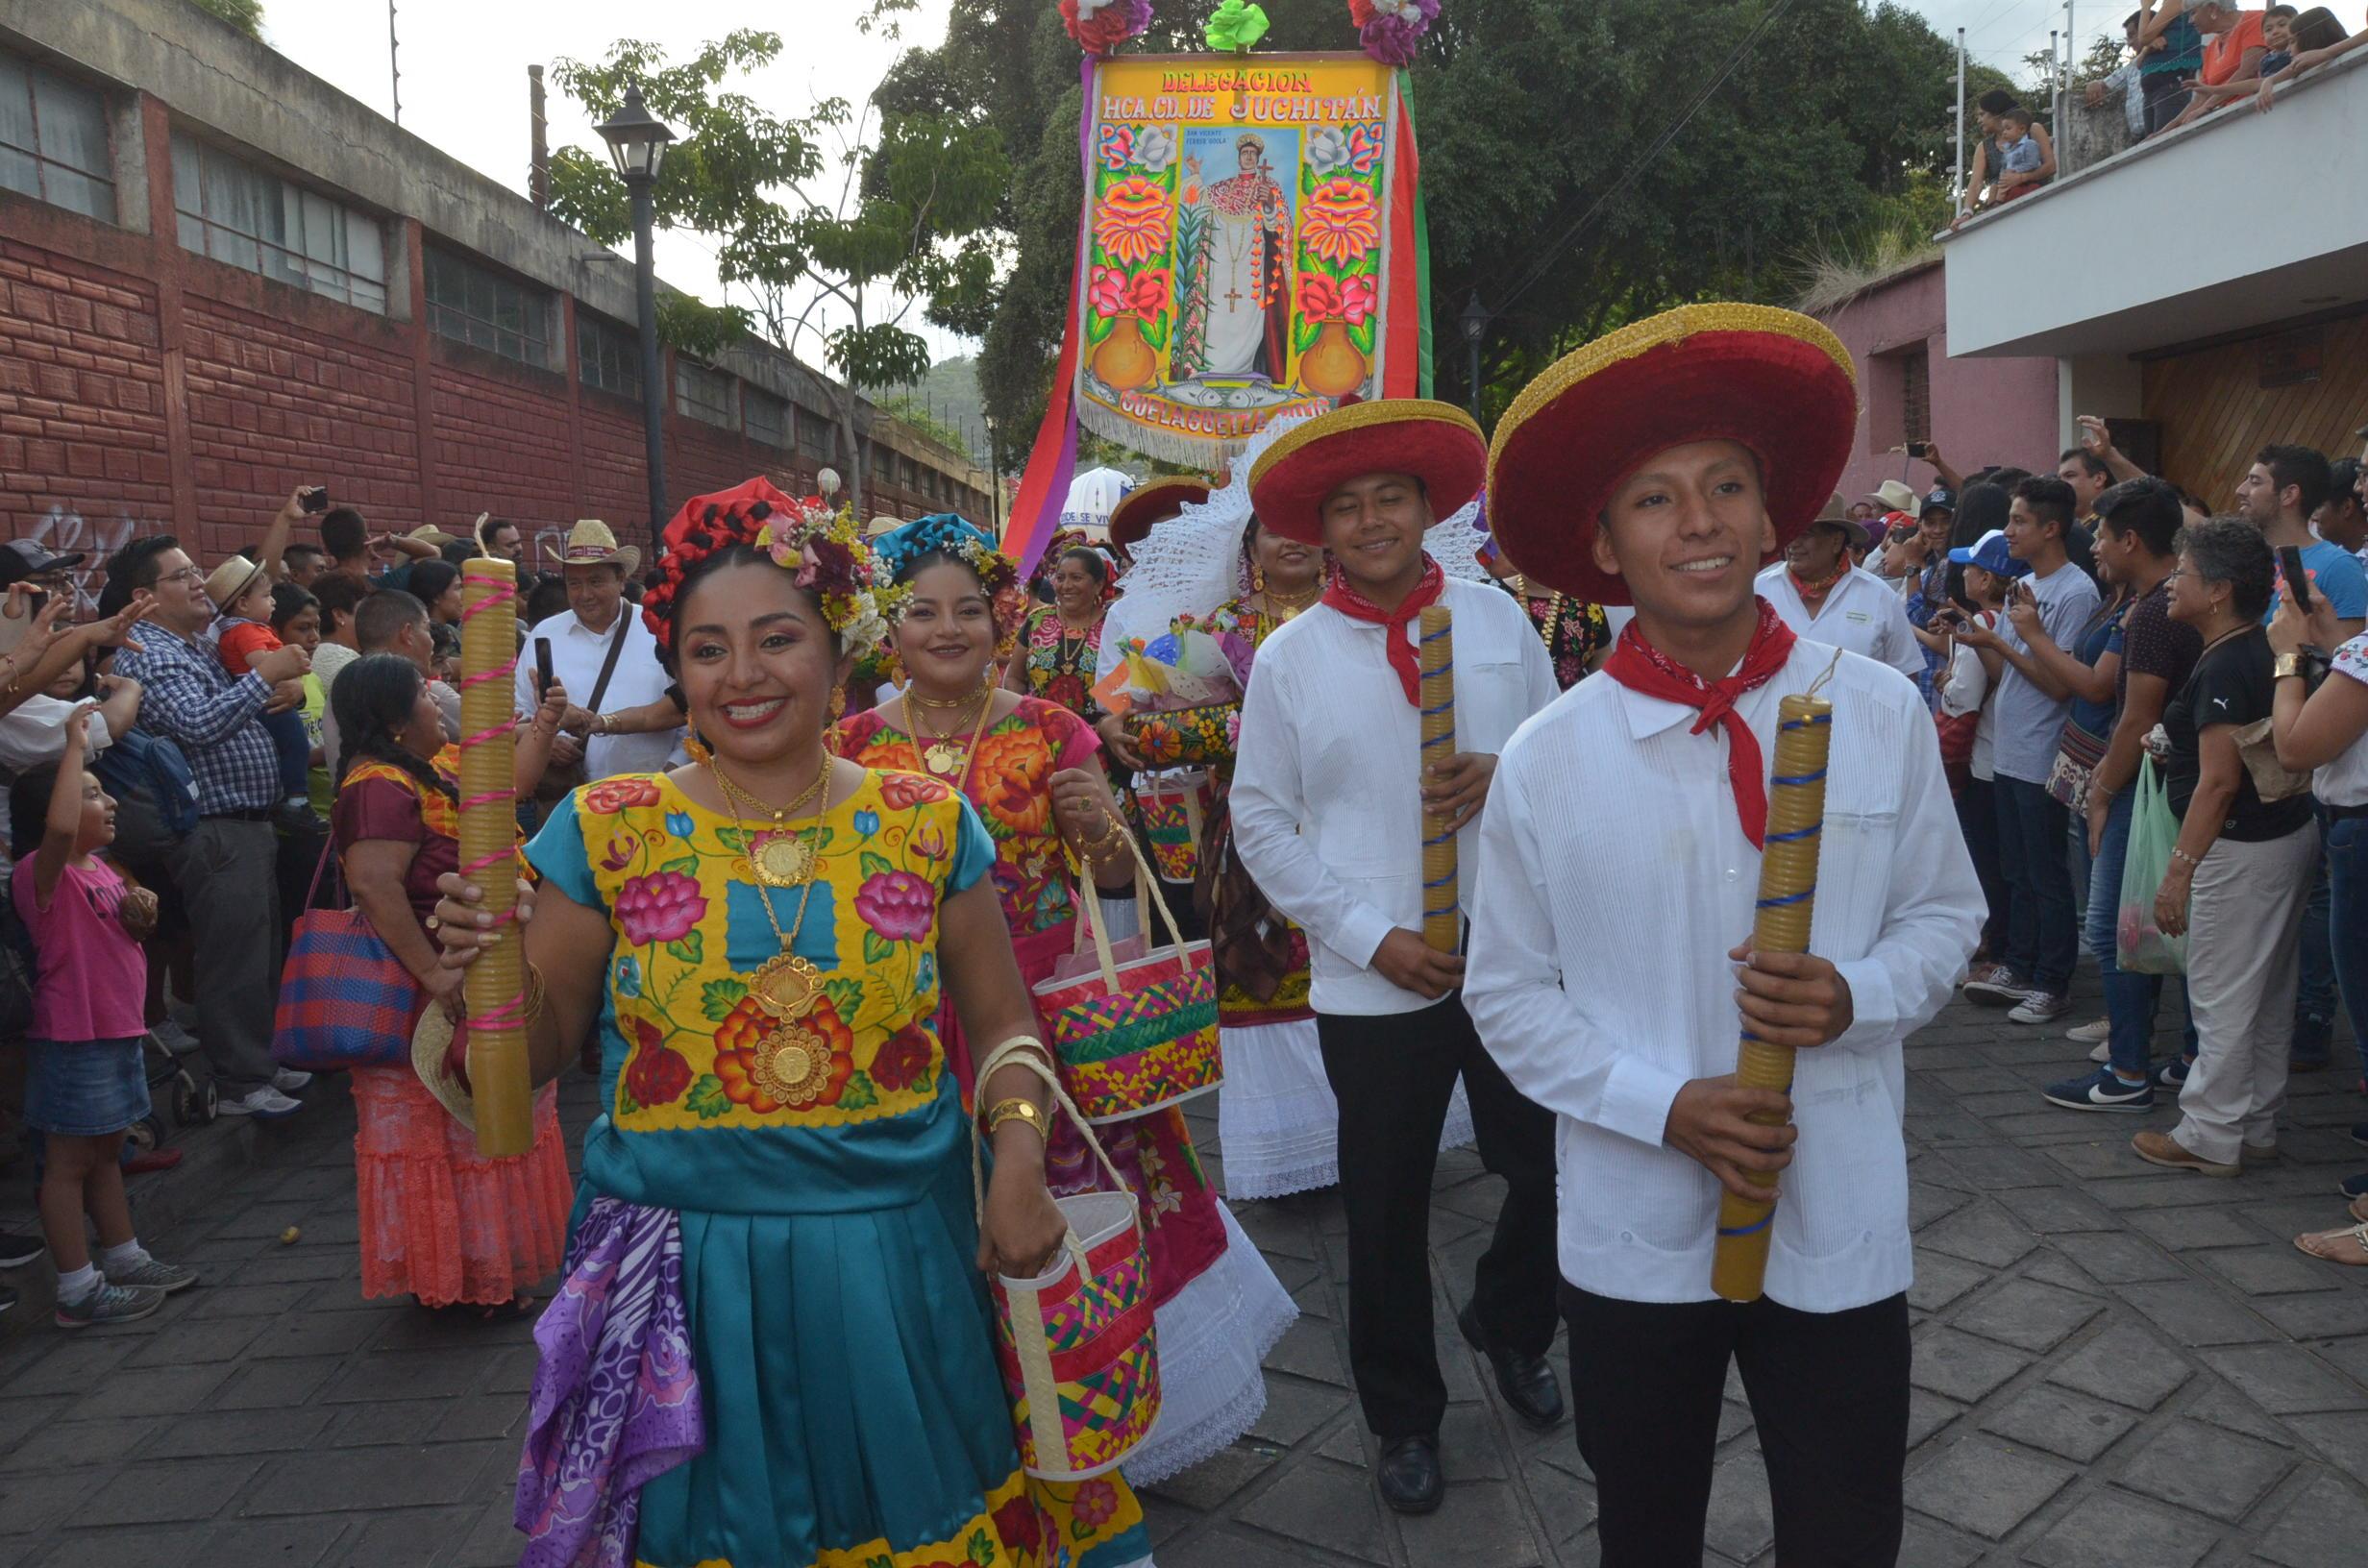 Desfile de delegaciones | El Imparcial de Oaxaca